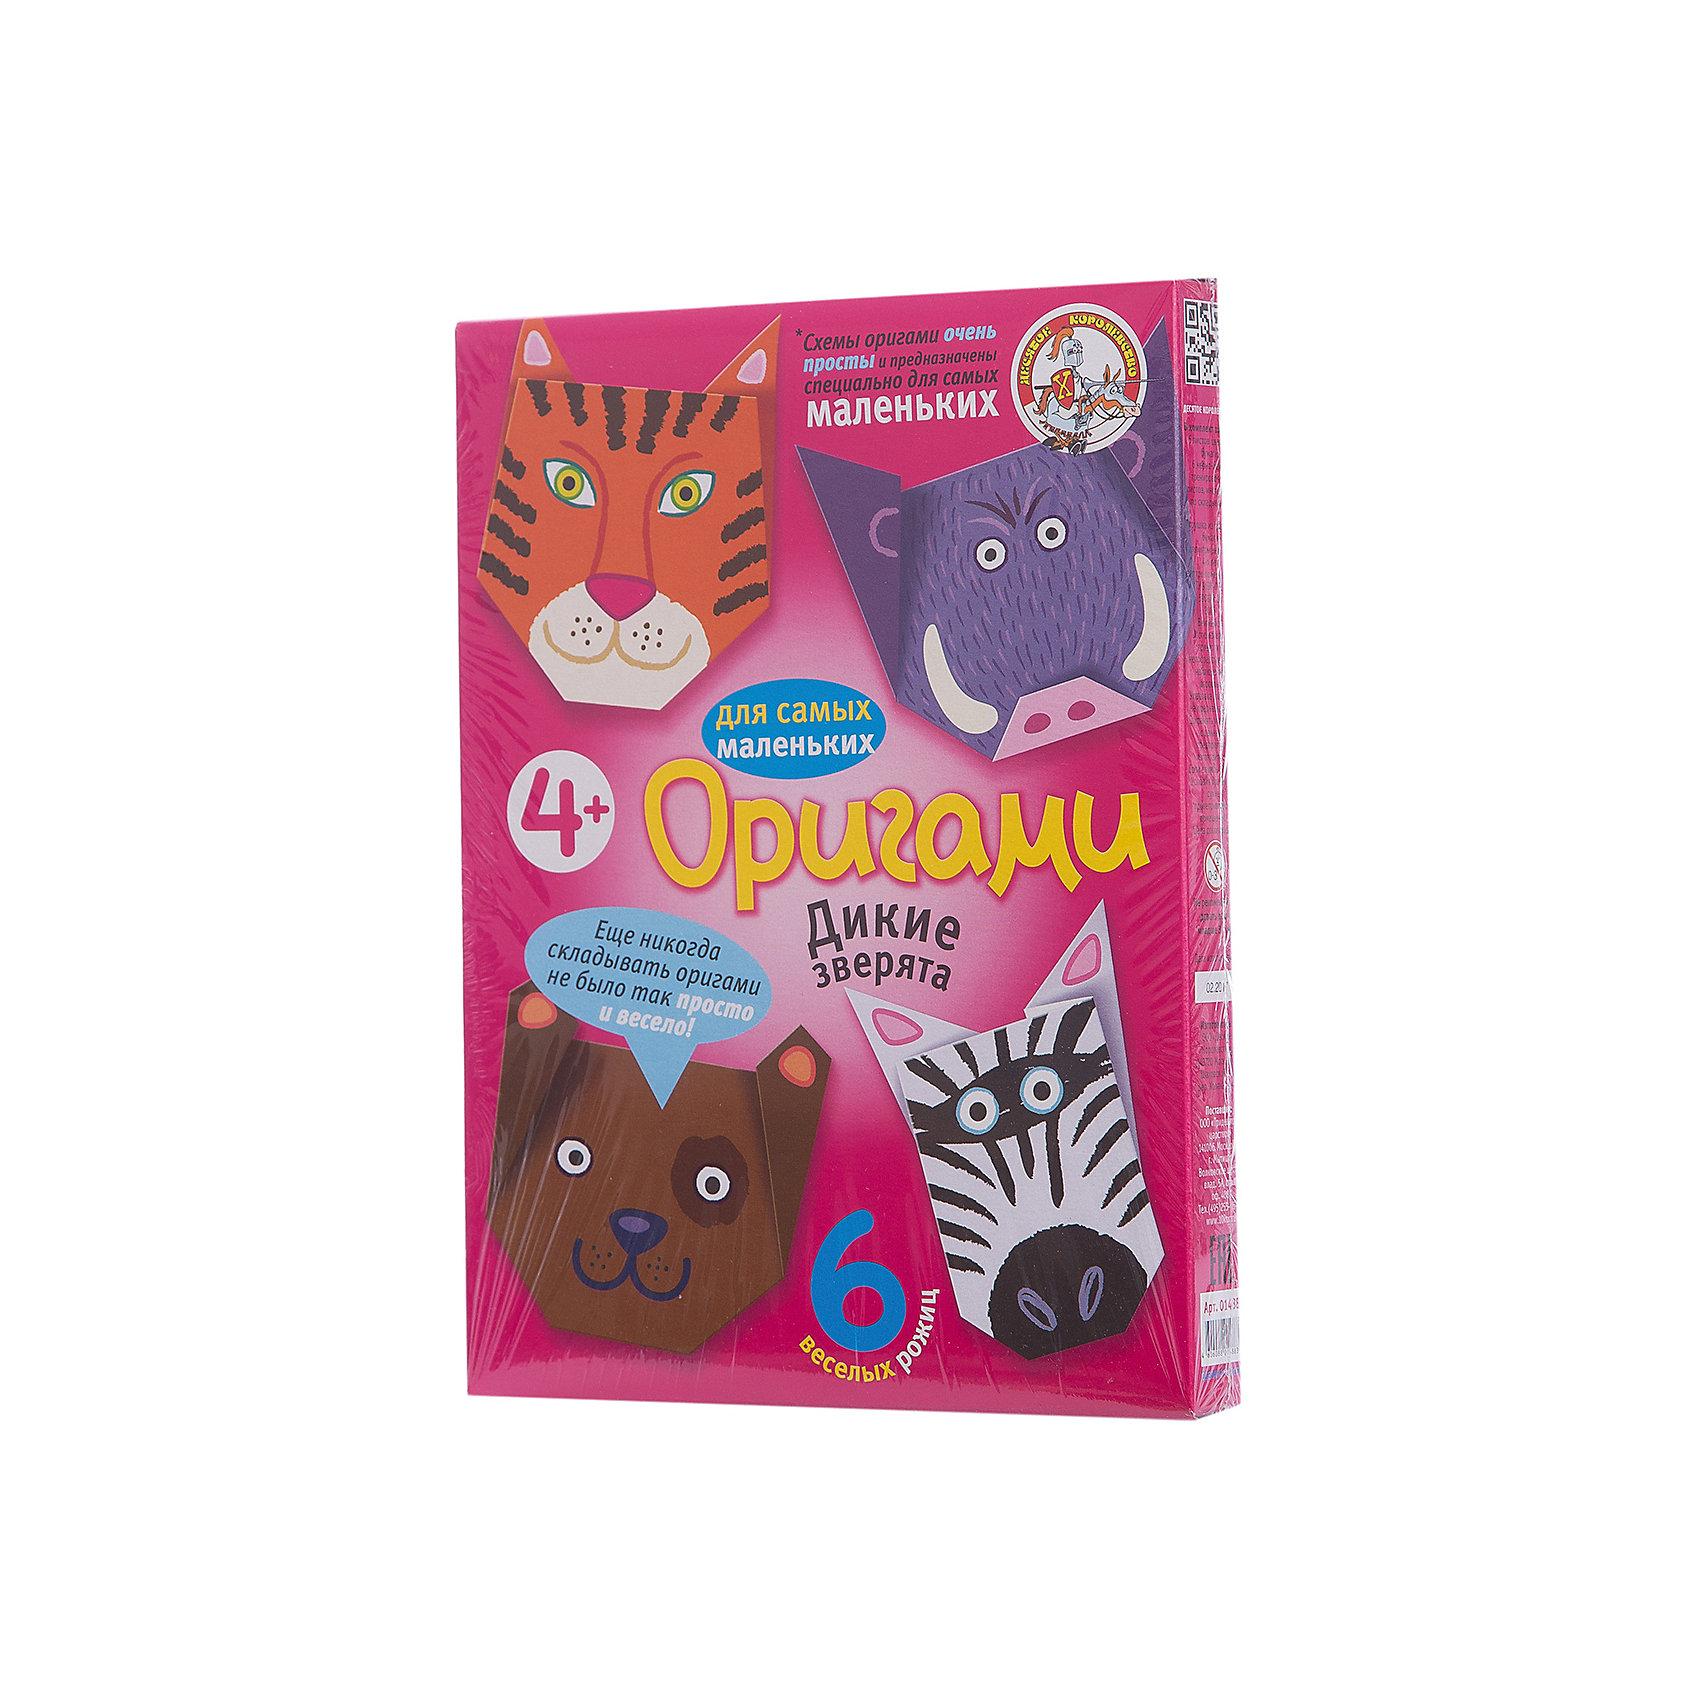 Оригами Дикие зверята, Десятое королевствоОригами Дикие зверята, Десятое королевство<br><br>Характеристики:<br><br>• Возраст: от 4 лет<br>• В комплекте: 6 листов для оригами, схемы<br>• Материал: бумага<br><br>Этот набор даст вашему ребенку приобщиться к японскому искусству оригами - складыванию различных фигурок из бумаги. В данном наборе содержатся 6 плотных листов, на которые нанесен специальный рисунок, сложив лист по которому, ребенок в итоге получит объемную мордочку животного. Схемы очень просты для понимания и с ними справится даже малыш.<br><br>Оригами Дикие зверята, Десятое королевство можно купить в нашем интернет-магазине.<br><br>Ширина мм: 170<br>Глубина мм: 230<br>Высота мм: 25<br>Вес г: 96<br>Возраст от месяцев: 84<br>Возраст до месяцев: 2147483647<br>Пол: Унисекс<br>Возраст: Детский<br>SKU: 5471700